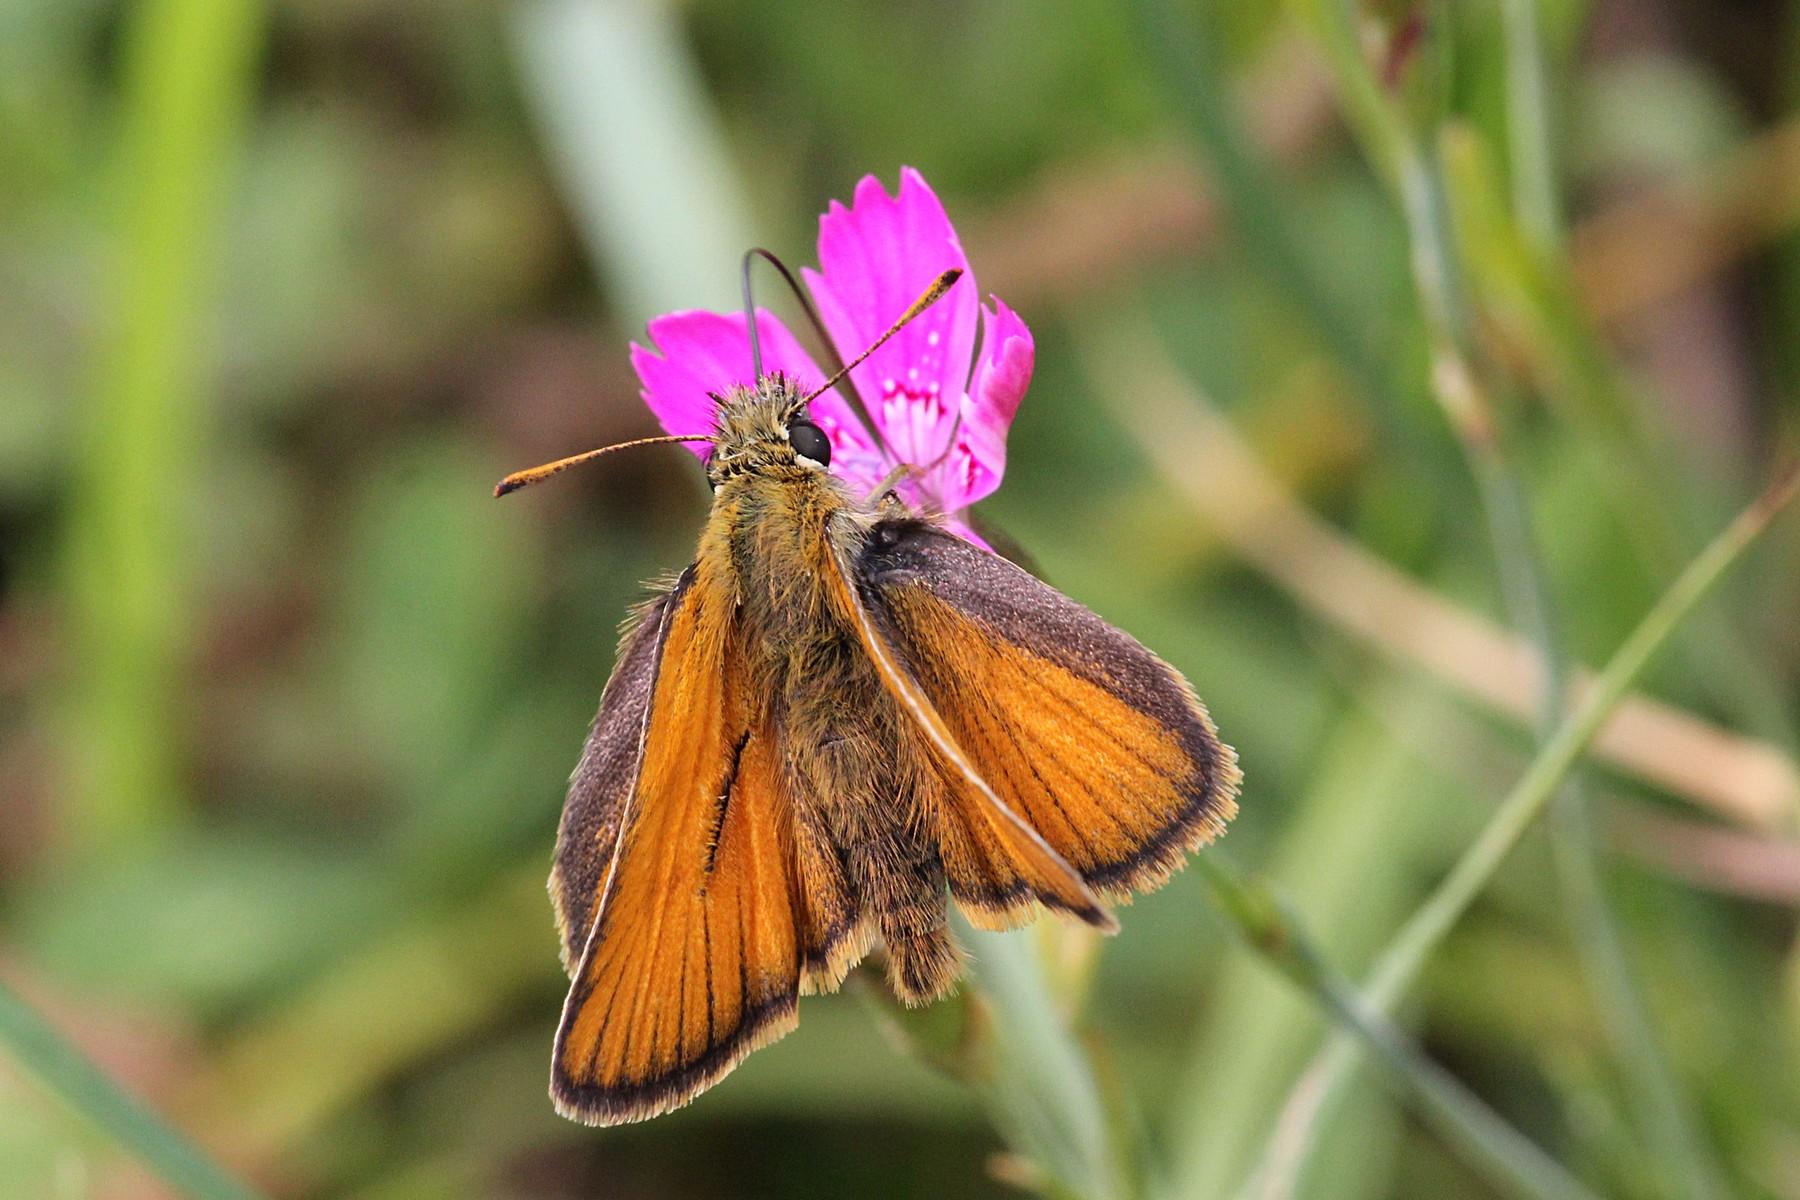 Бабочка-толстоголовка пьет нектар из цветка гвоздики